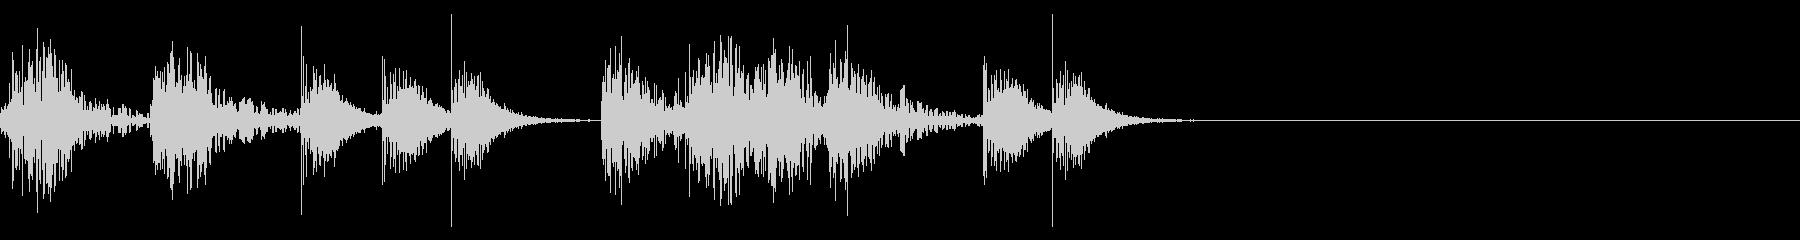 定番リズム2(ストンプ音)印象に残る音の未再生の波形